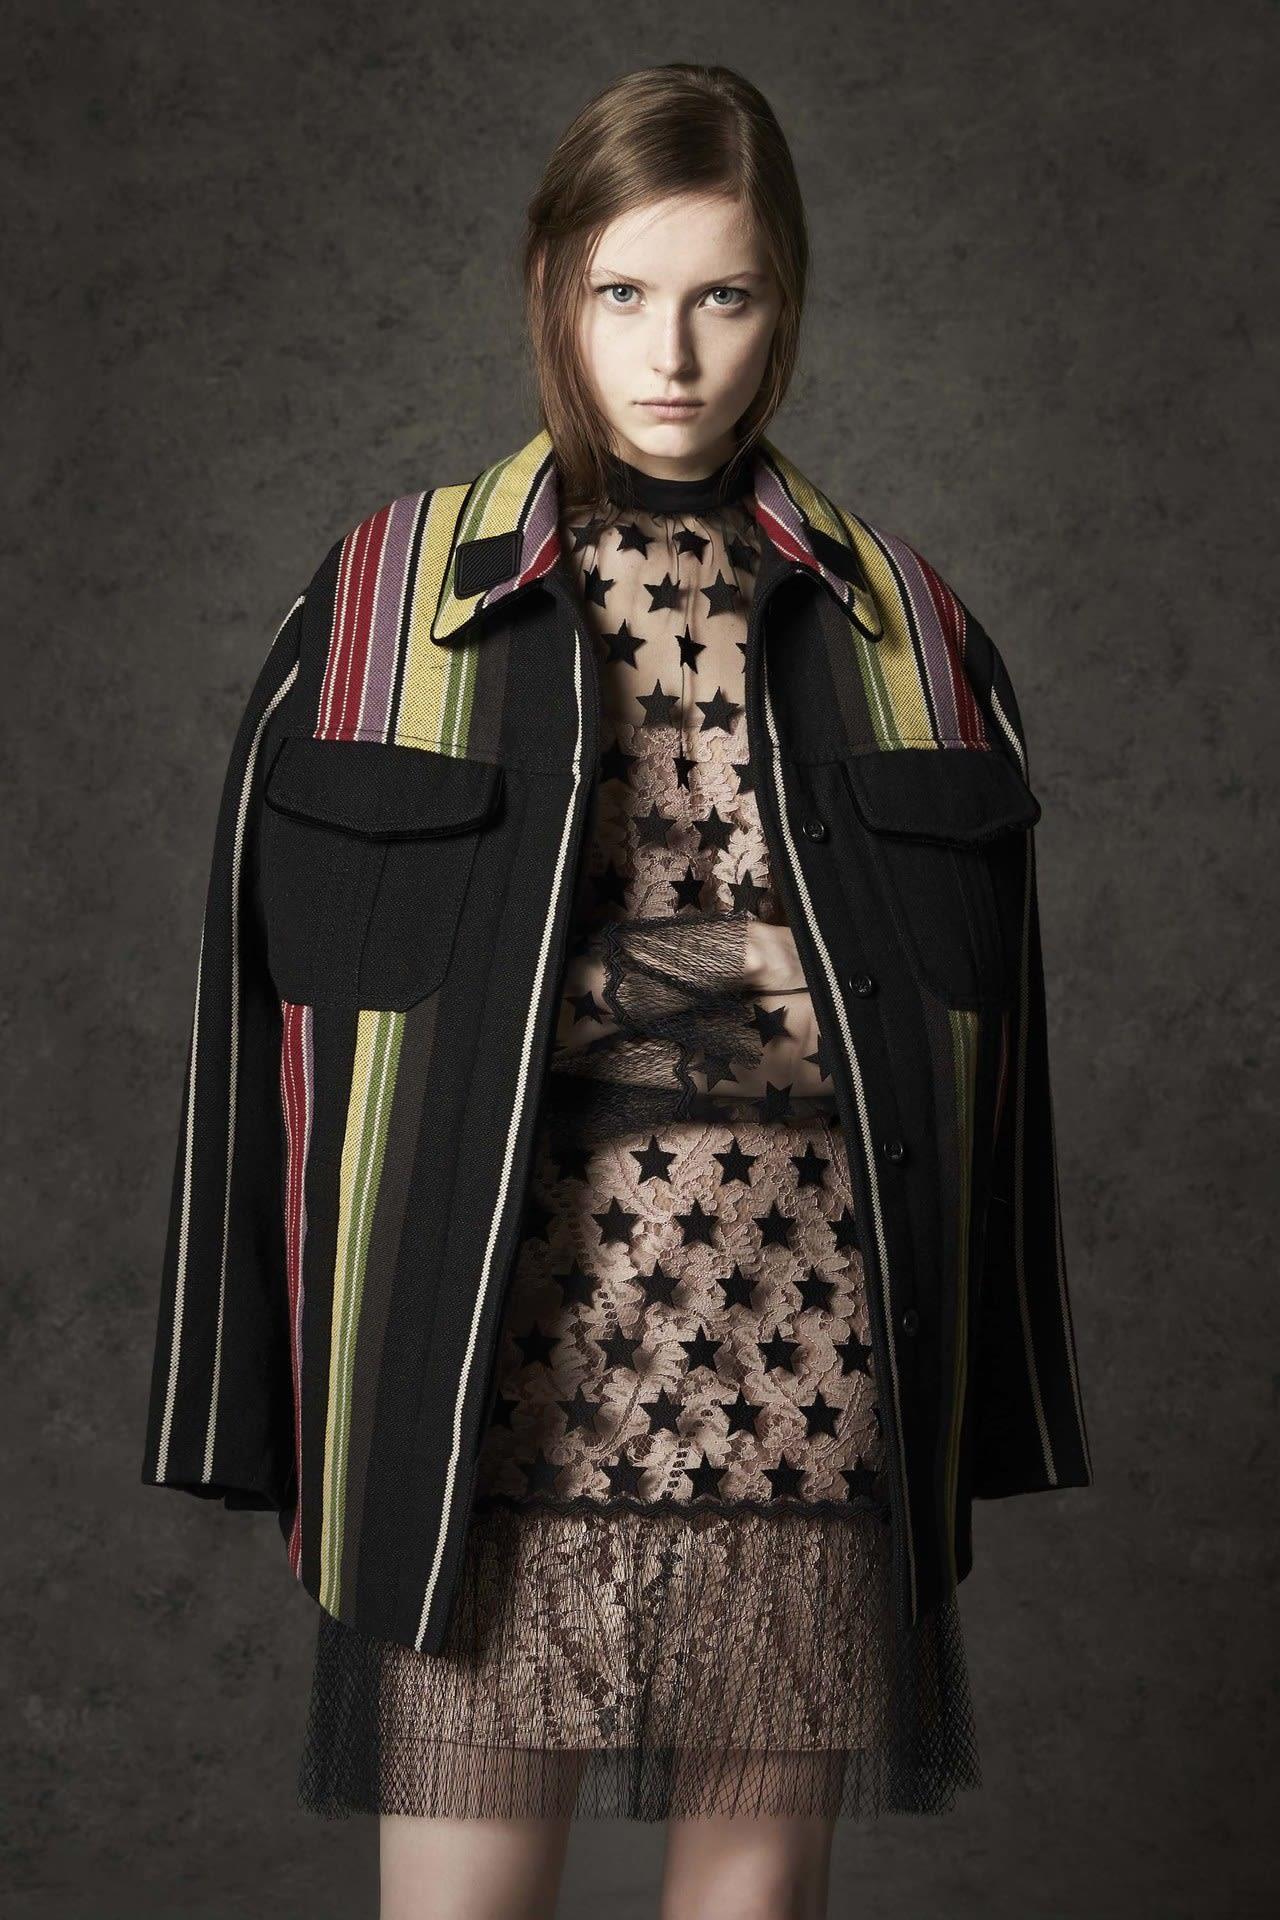 男イチコロファッションモデル#39,Emily Butcher - 男イチコロファッション